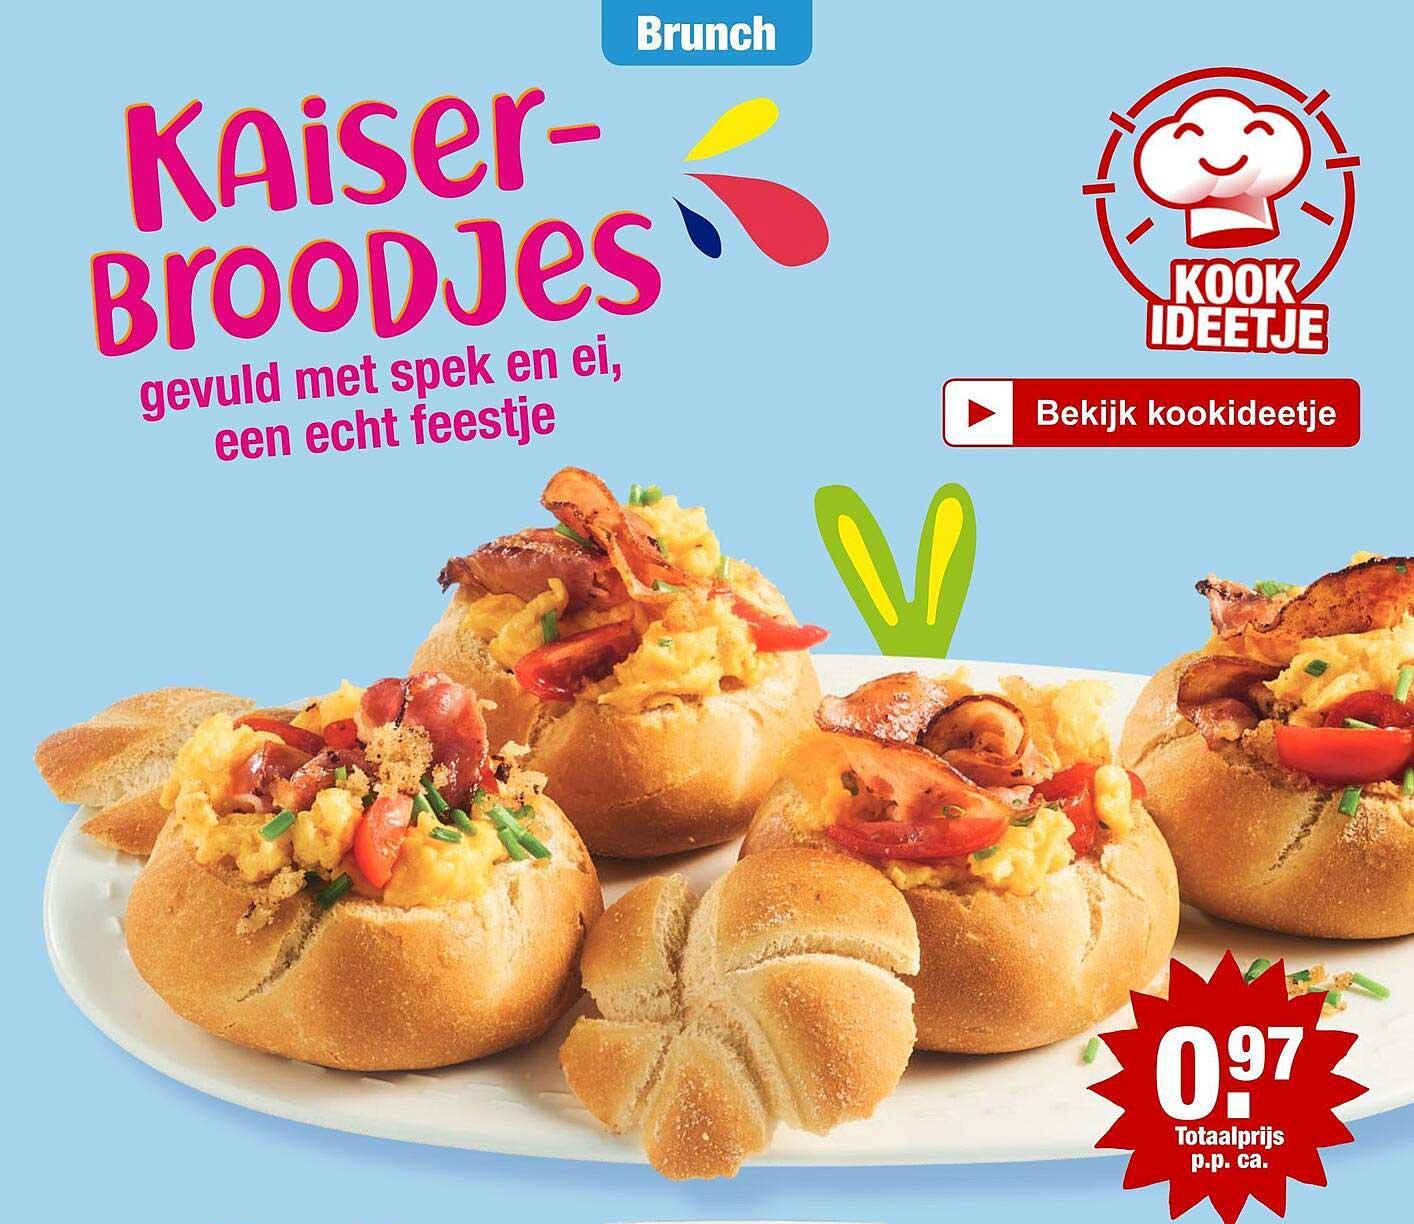 ALDI Kaiserbroodjes